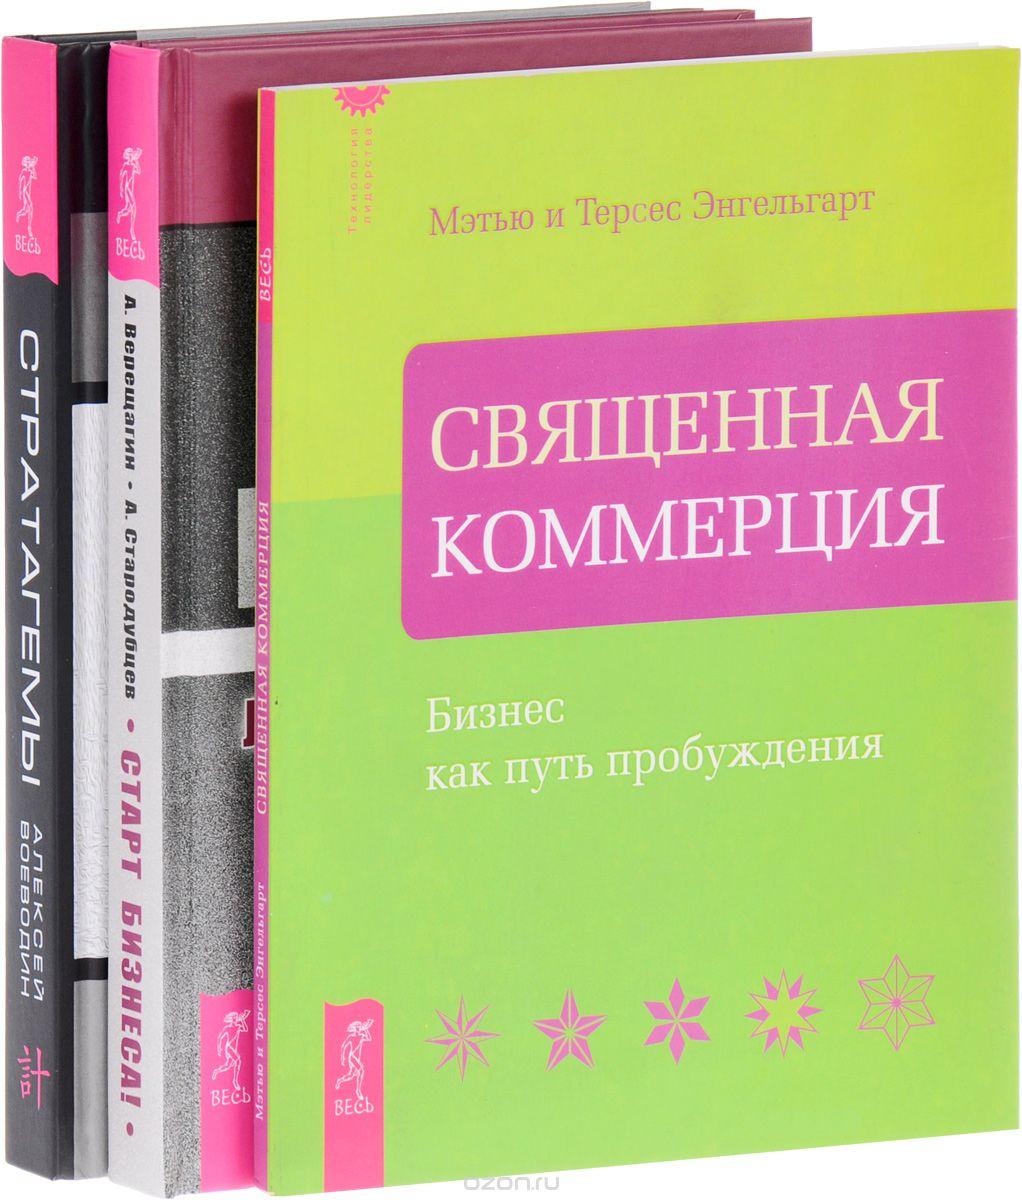 Старт бизнеса! Стратагемы.  Священная коммерция  (комплект из 3 книг)